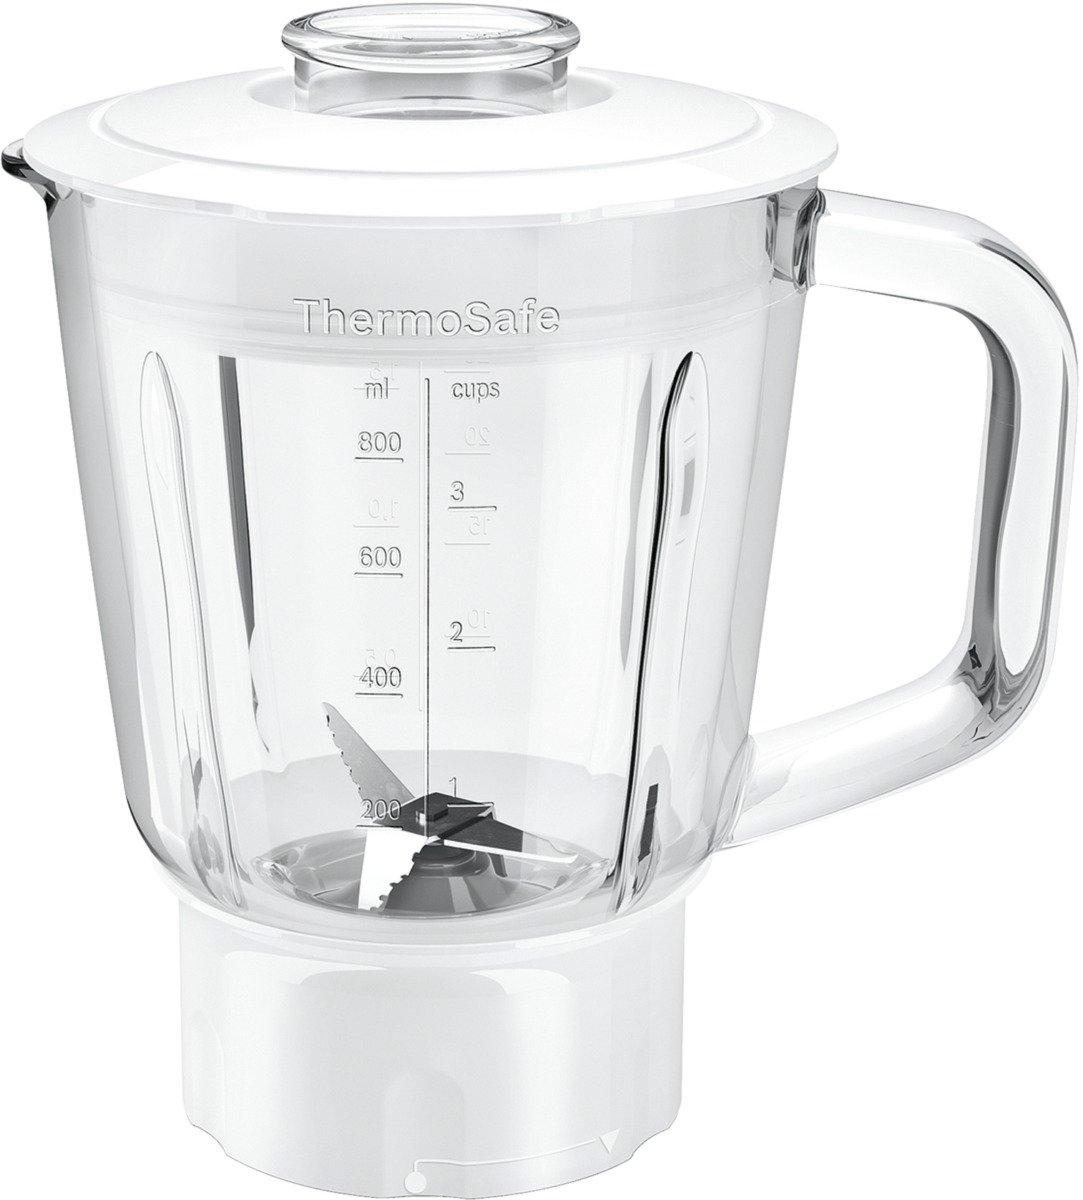 Bosch-MUZ45MX1-ThermoSafe-Mixer-Aufsatz-Glas-Behlter-mit-Edelstahl-Messer-Wei